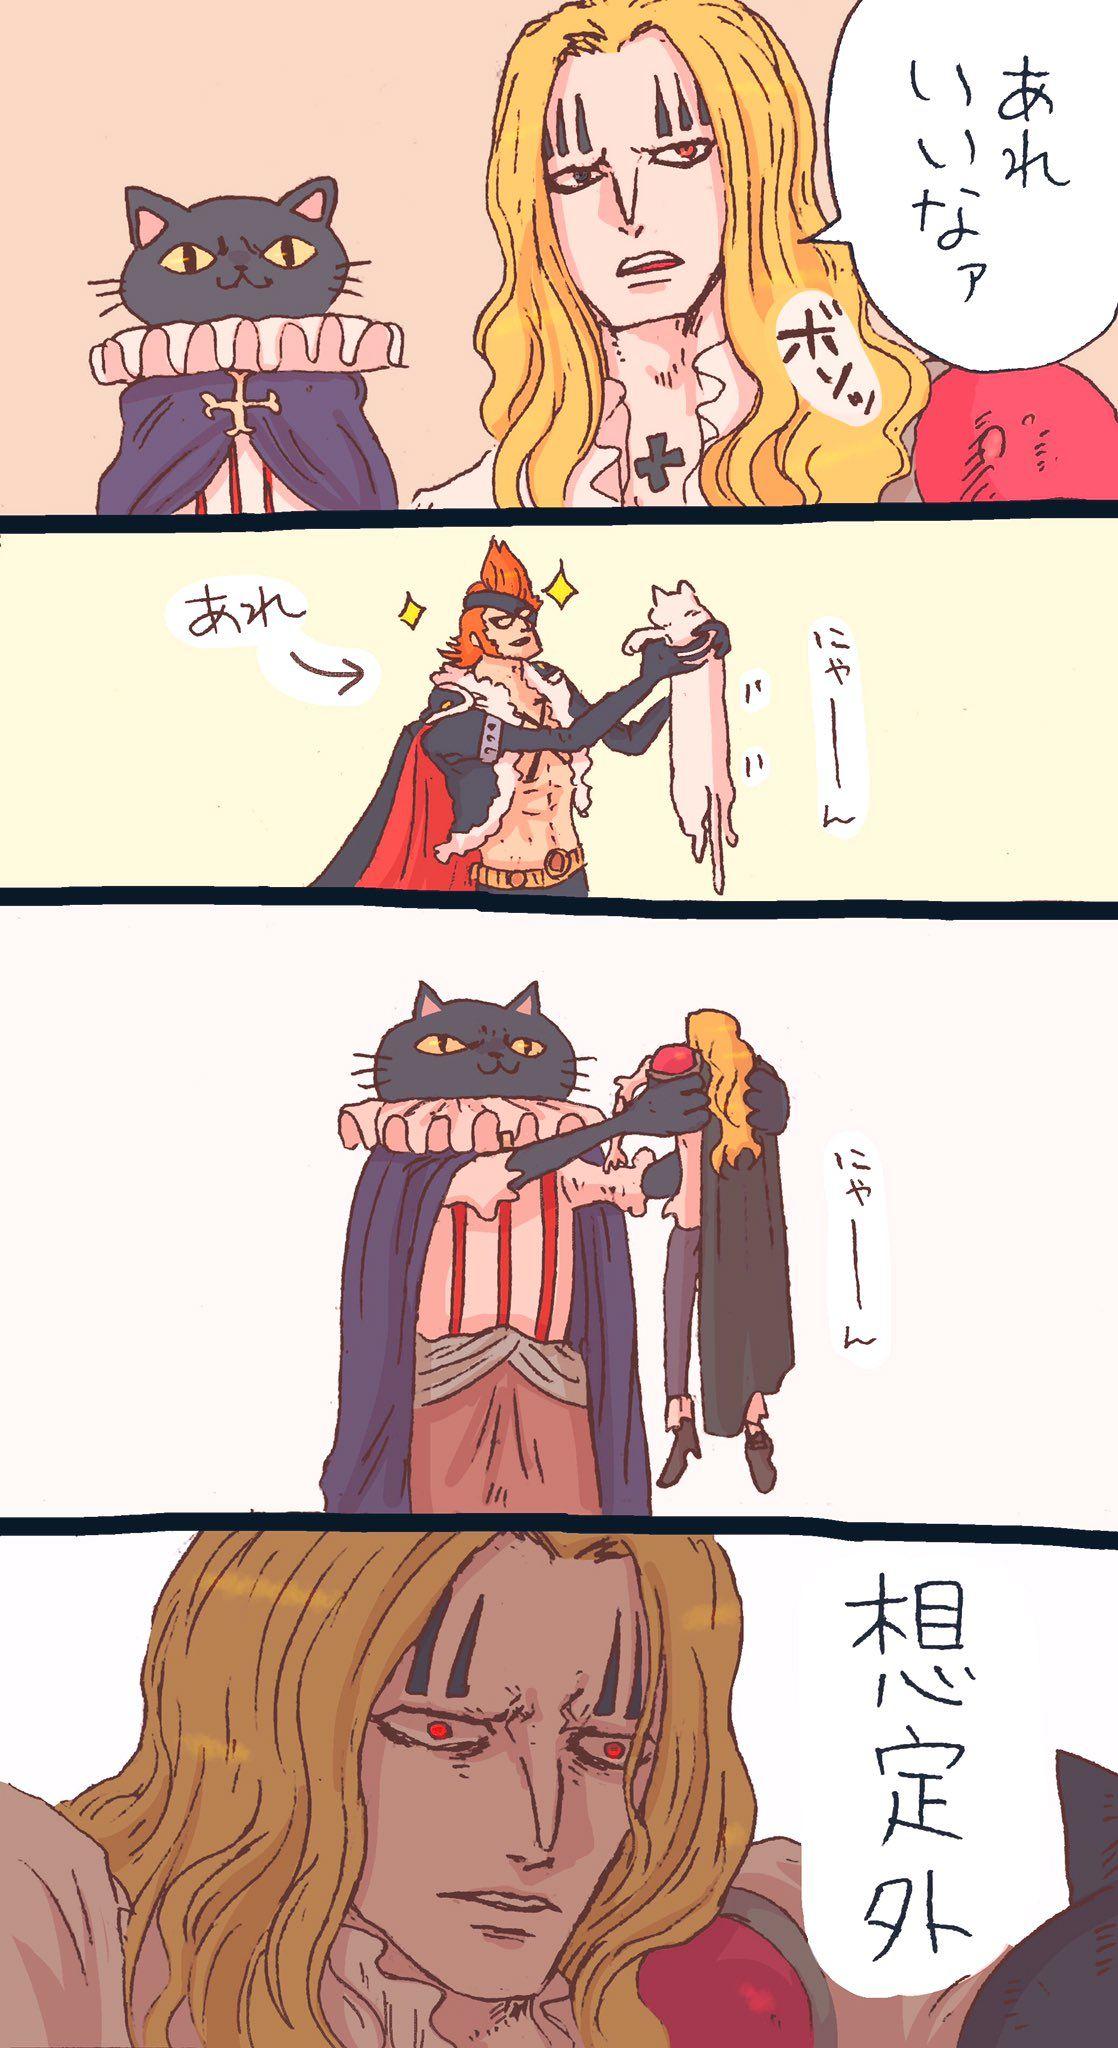 からぽ on twitter one piece manga one piece favorite character